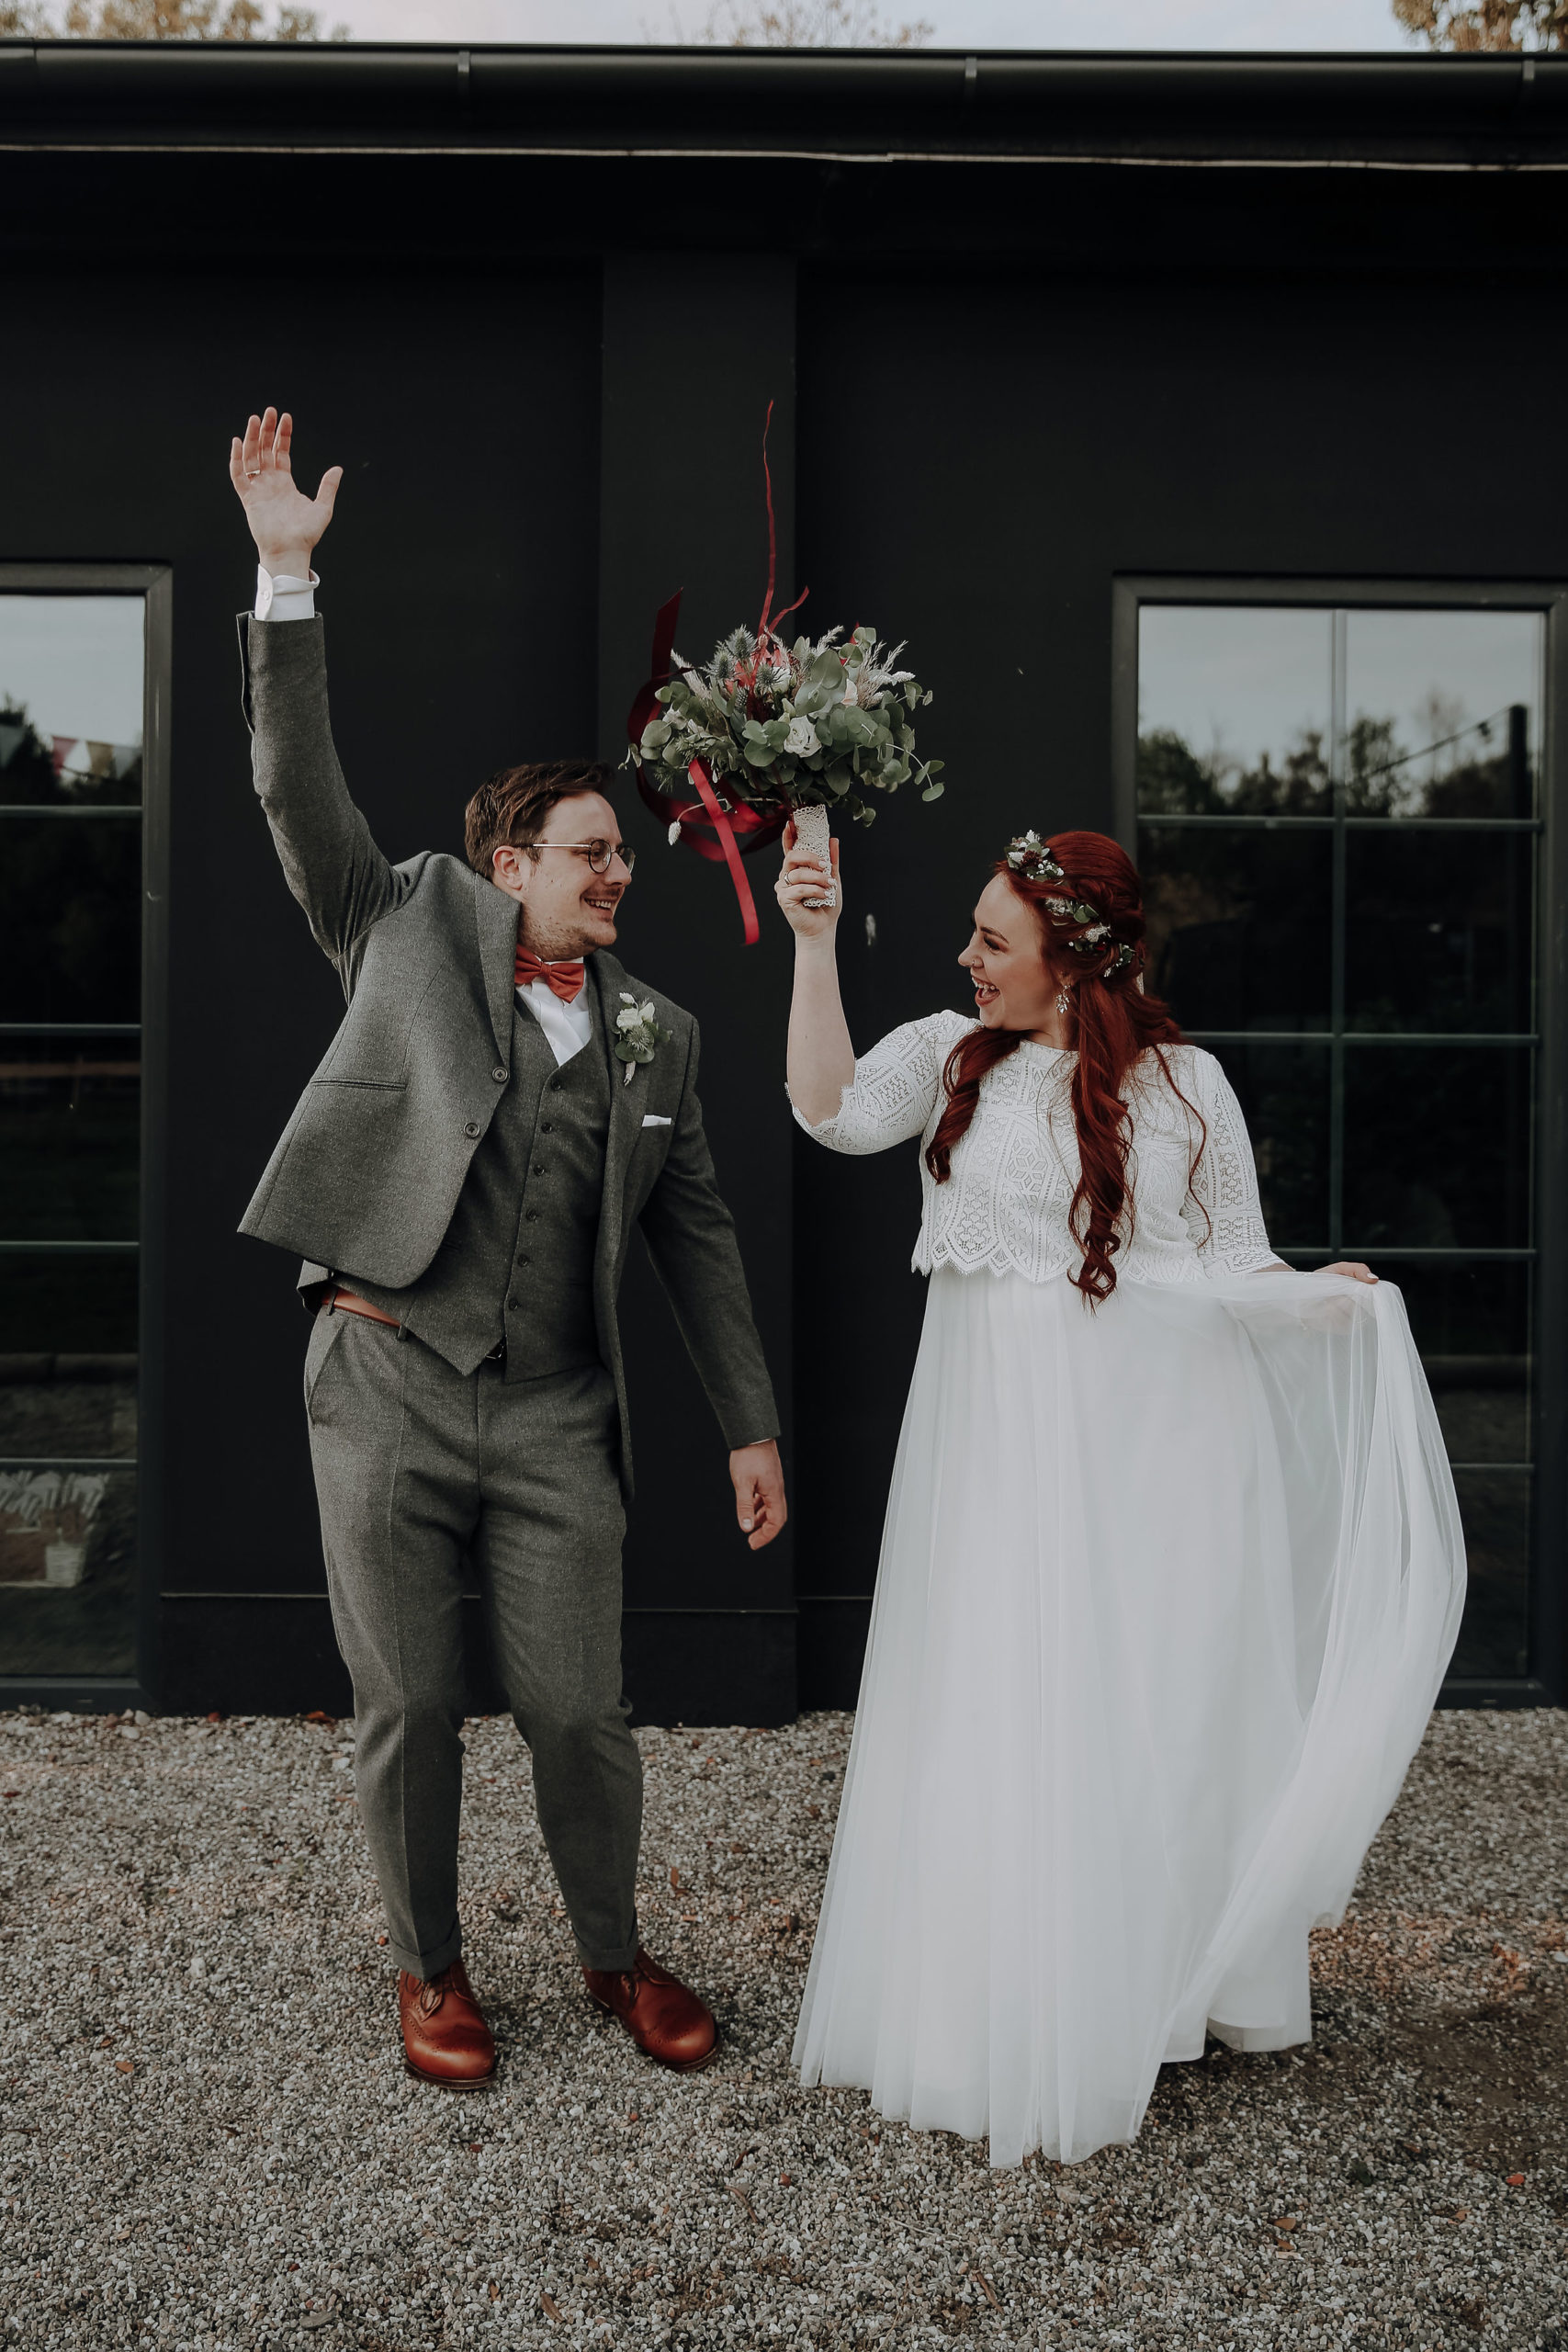 noni Brautmode, Wedding Shoot mit Brautpaar, lachend. Braut mit zweiteiligem Brautkleid im Boho Stil mit Spitzentop und langem Rock, Bräutigam mit grauem Dreiteiler und roter Fliege